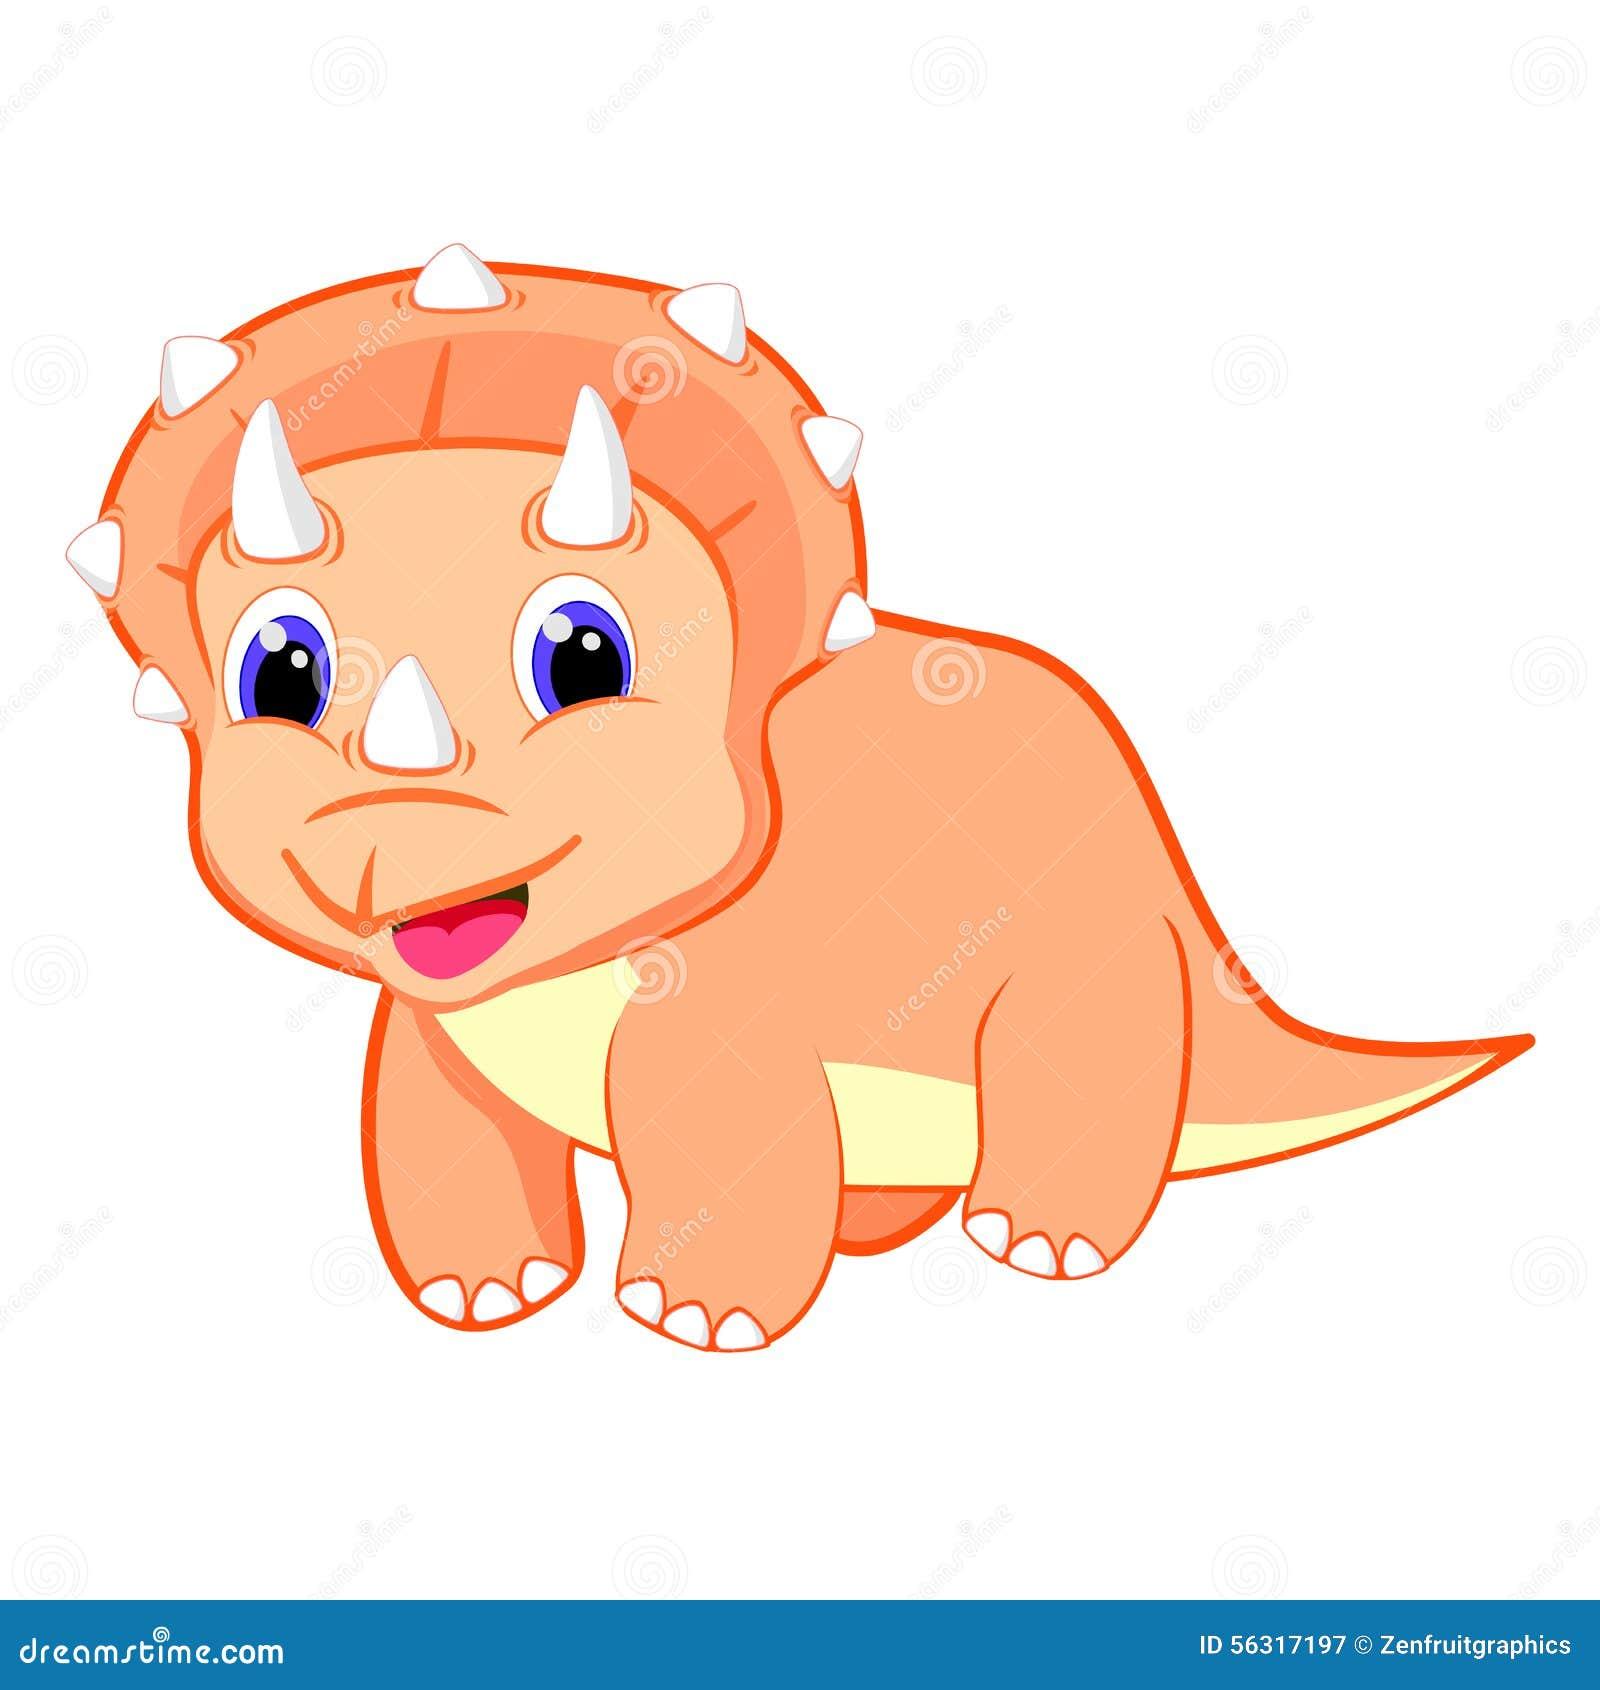 De leuke vectorillustratie van de baby triceratops dinosaurus